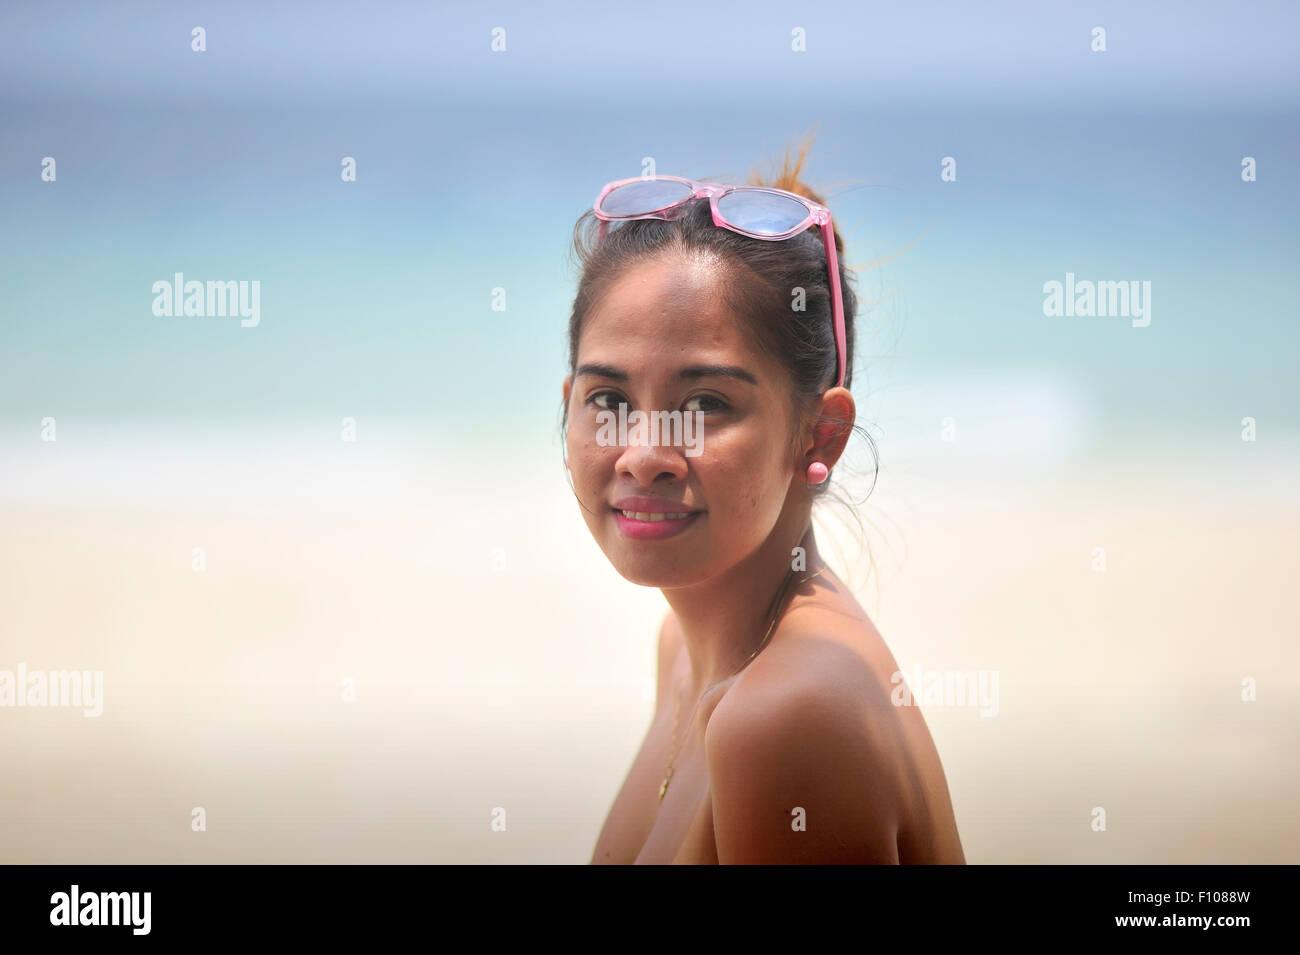 philippine wife